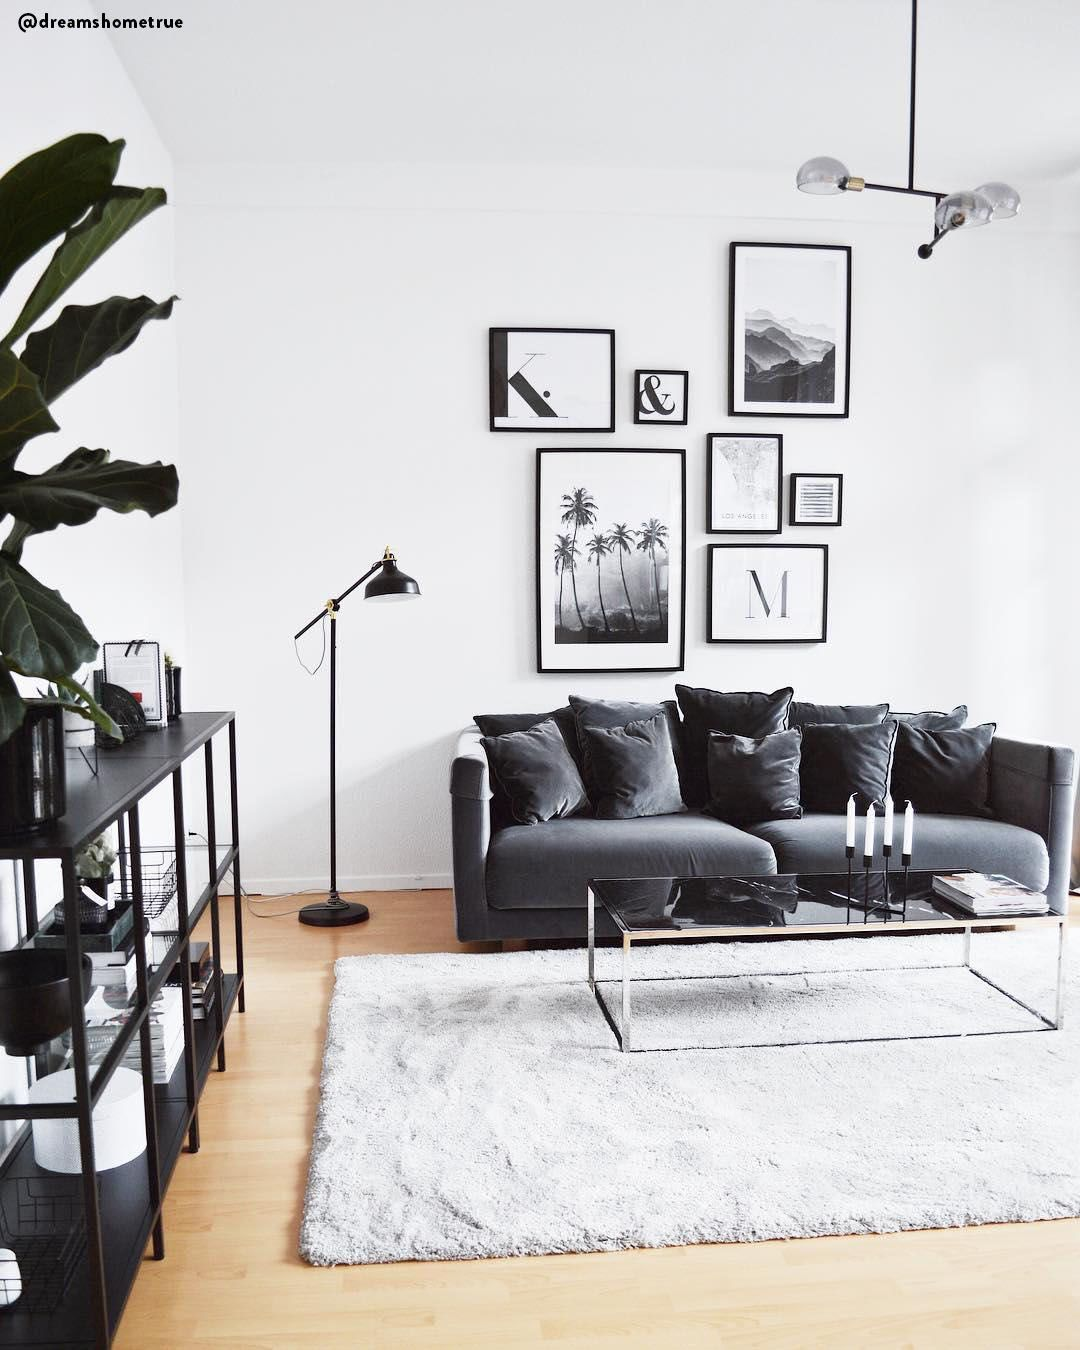 Monochrom Vibes In Diesem Wunderschonen Wohnzimmer Sorgen Die Nichtfarben Schwarz Weiss Fur Einen Teppich Wohnzimmer Schone Wohnzimmer Wohnzimmer Inspiration